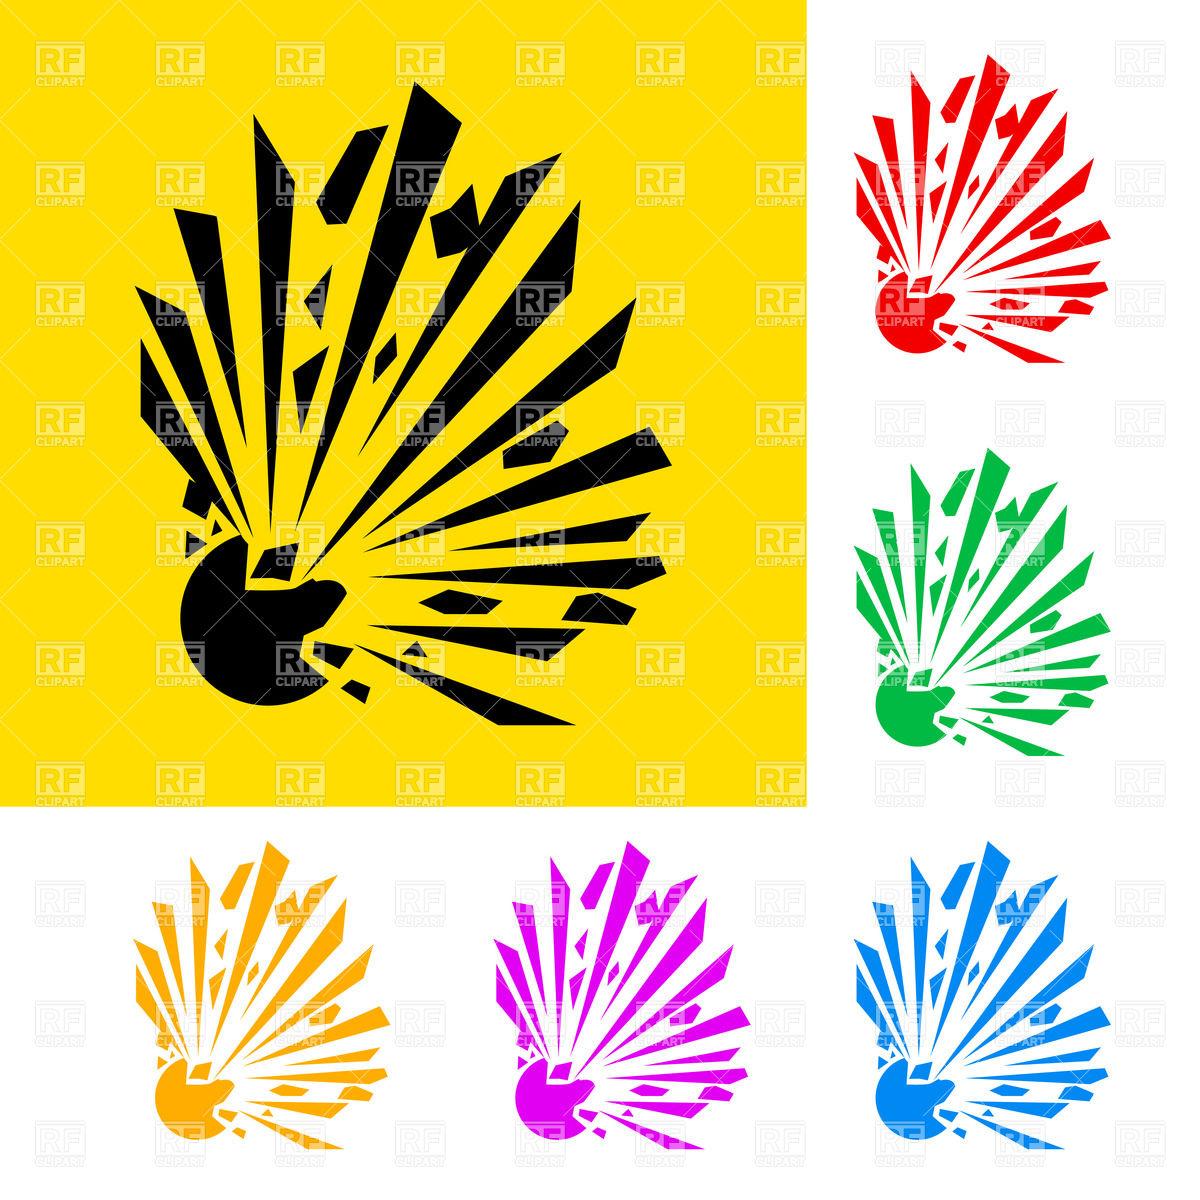 Explosive hazard symbol Vector Image #9186.